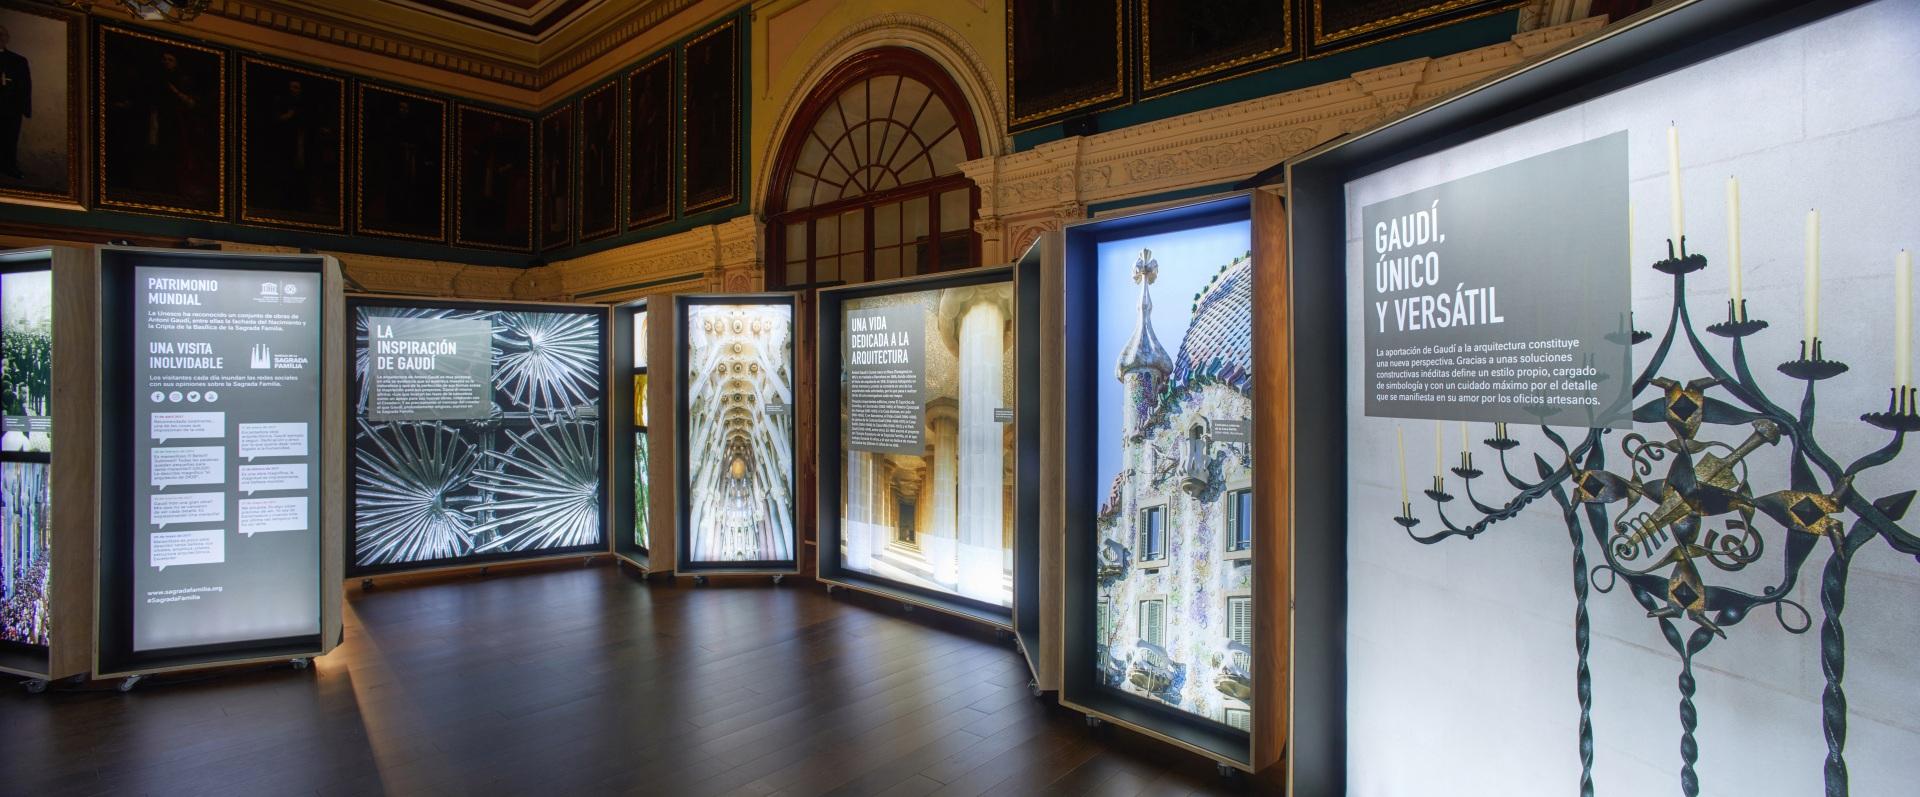 Exposición Gaudí Sagrada Familia. Imágenes de candelabros, edificios y detalles arquitectónicos en cajas iluminadas.